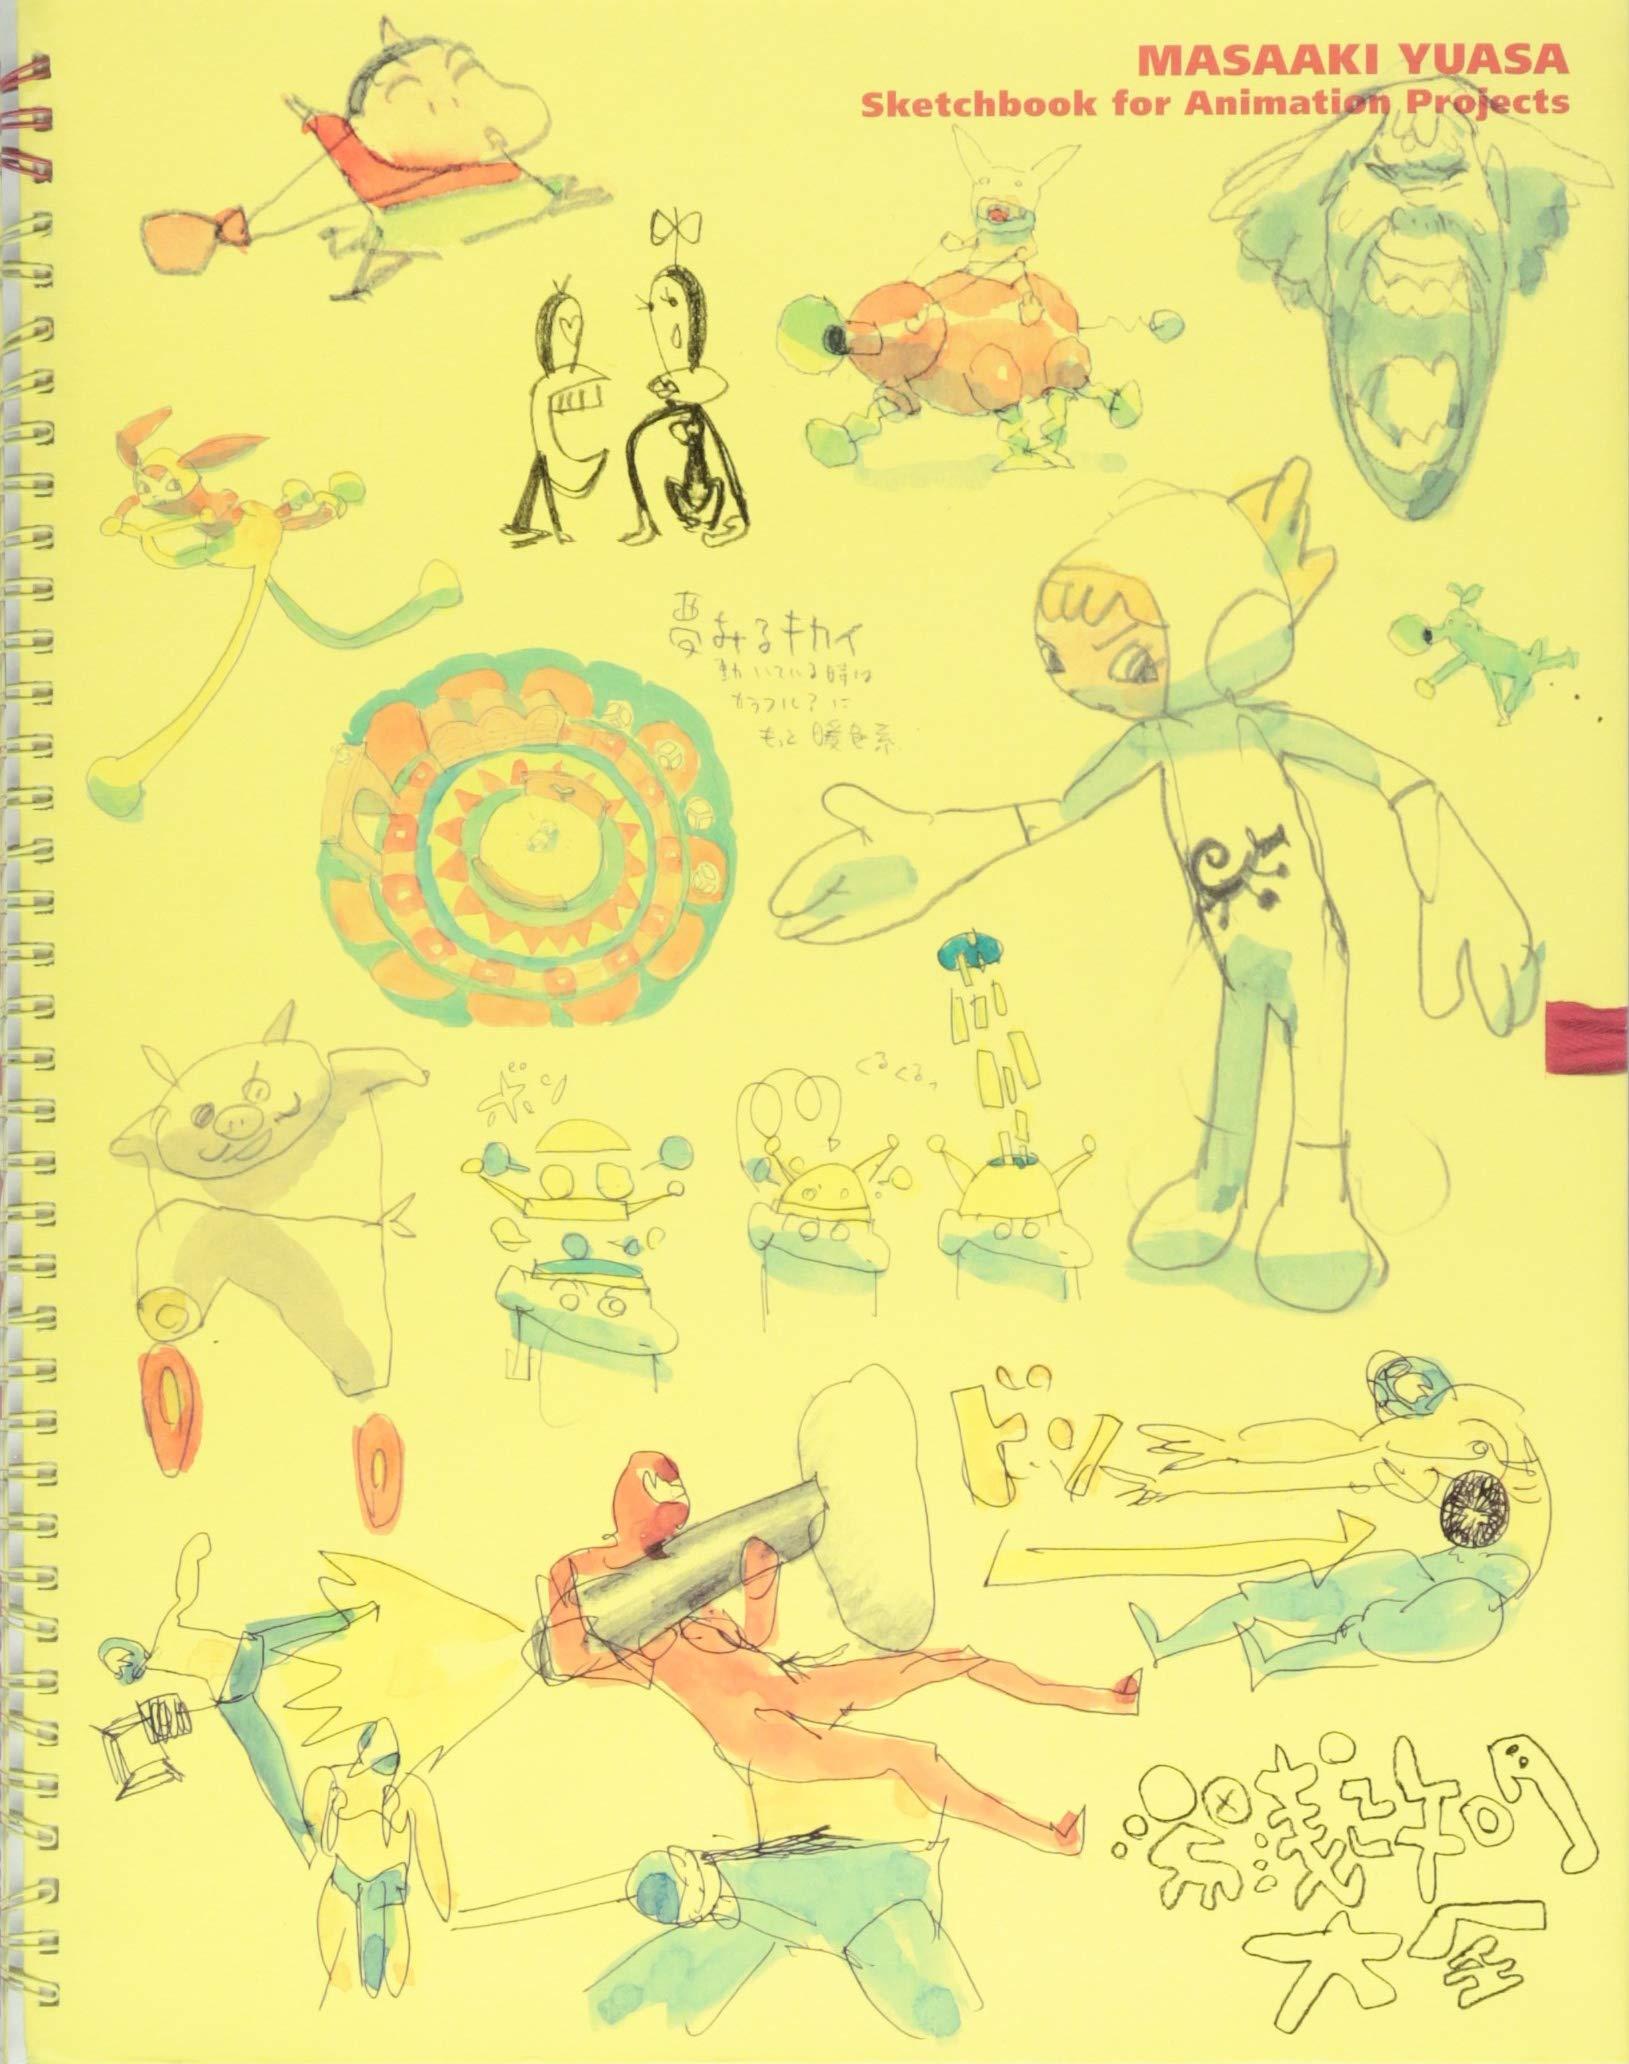 湯浅政明大全 sketchbook for animation projects 湯浅 政明 本